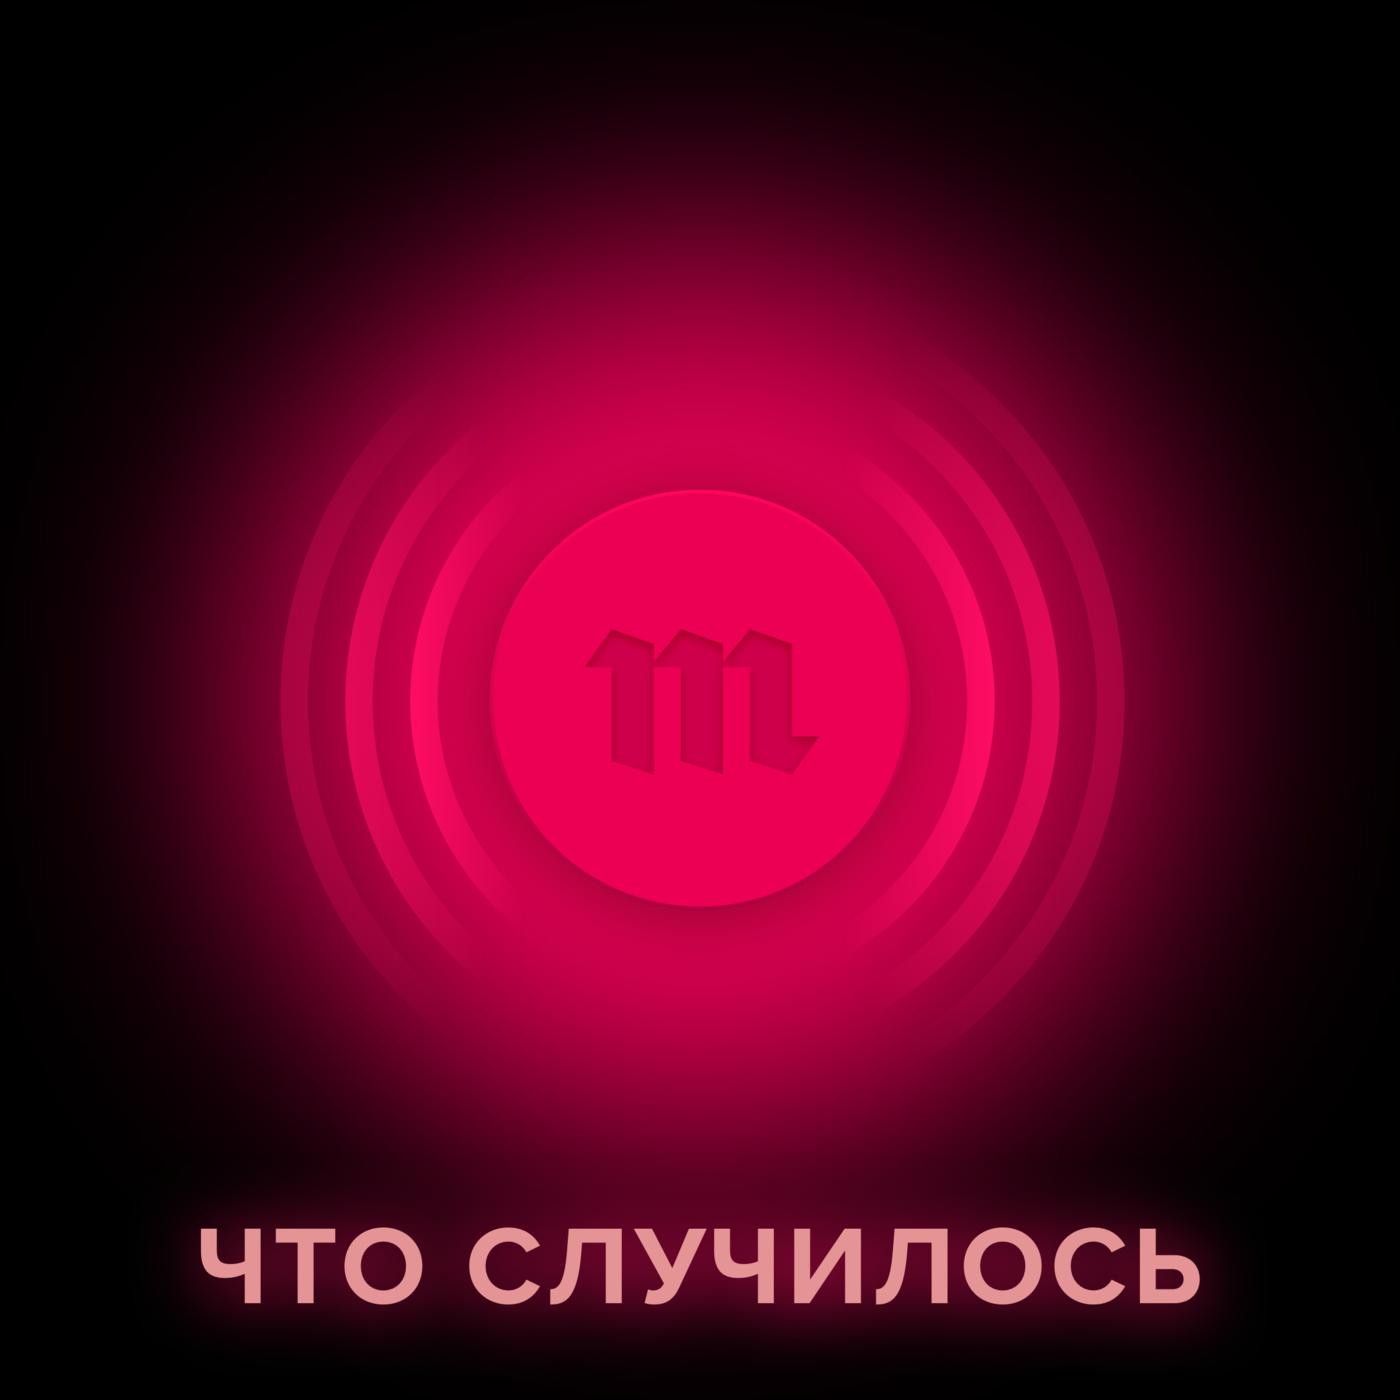 Владислав Горин Замечательный образчик треша про Россию. Группа Little Big будет представлять Россию на «Евровидении» — почему именно они?